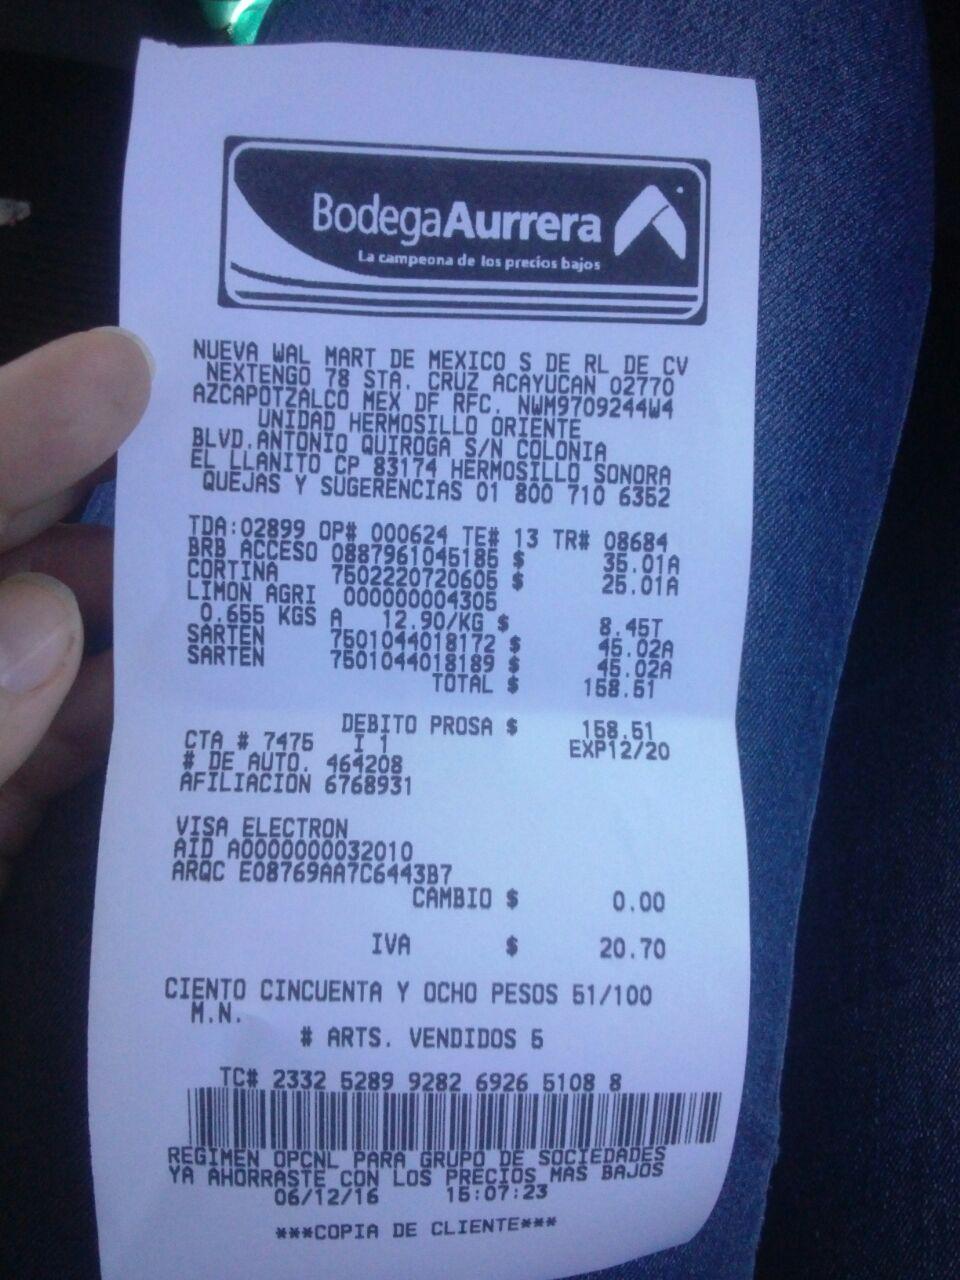 Bodega Aurrerá Hermosillo Oriente: Sartén vasconia a $45.02